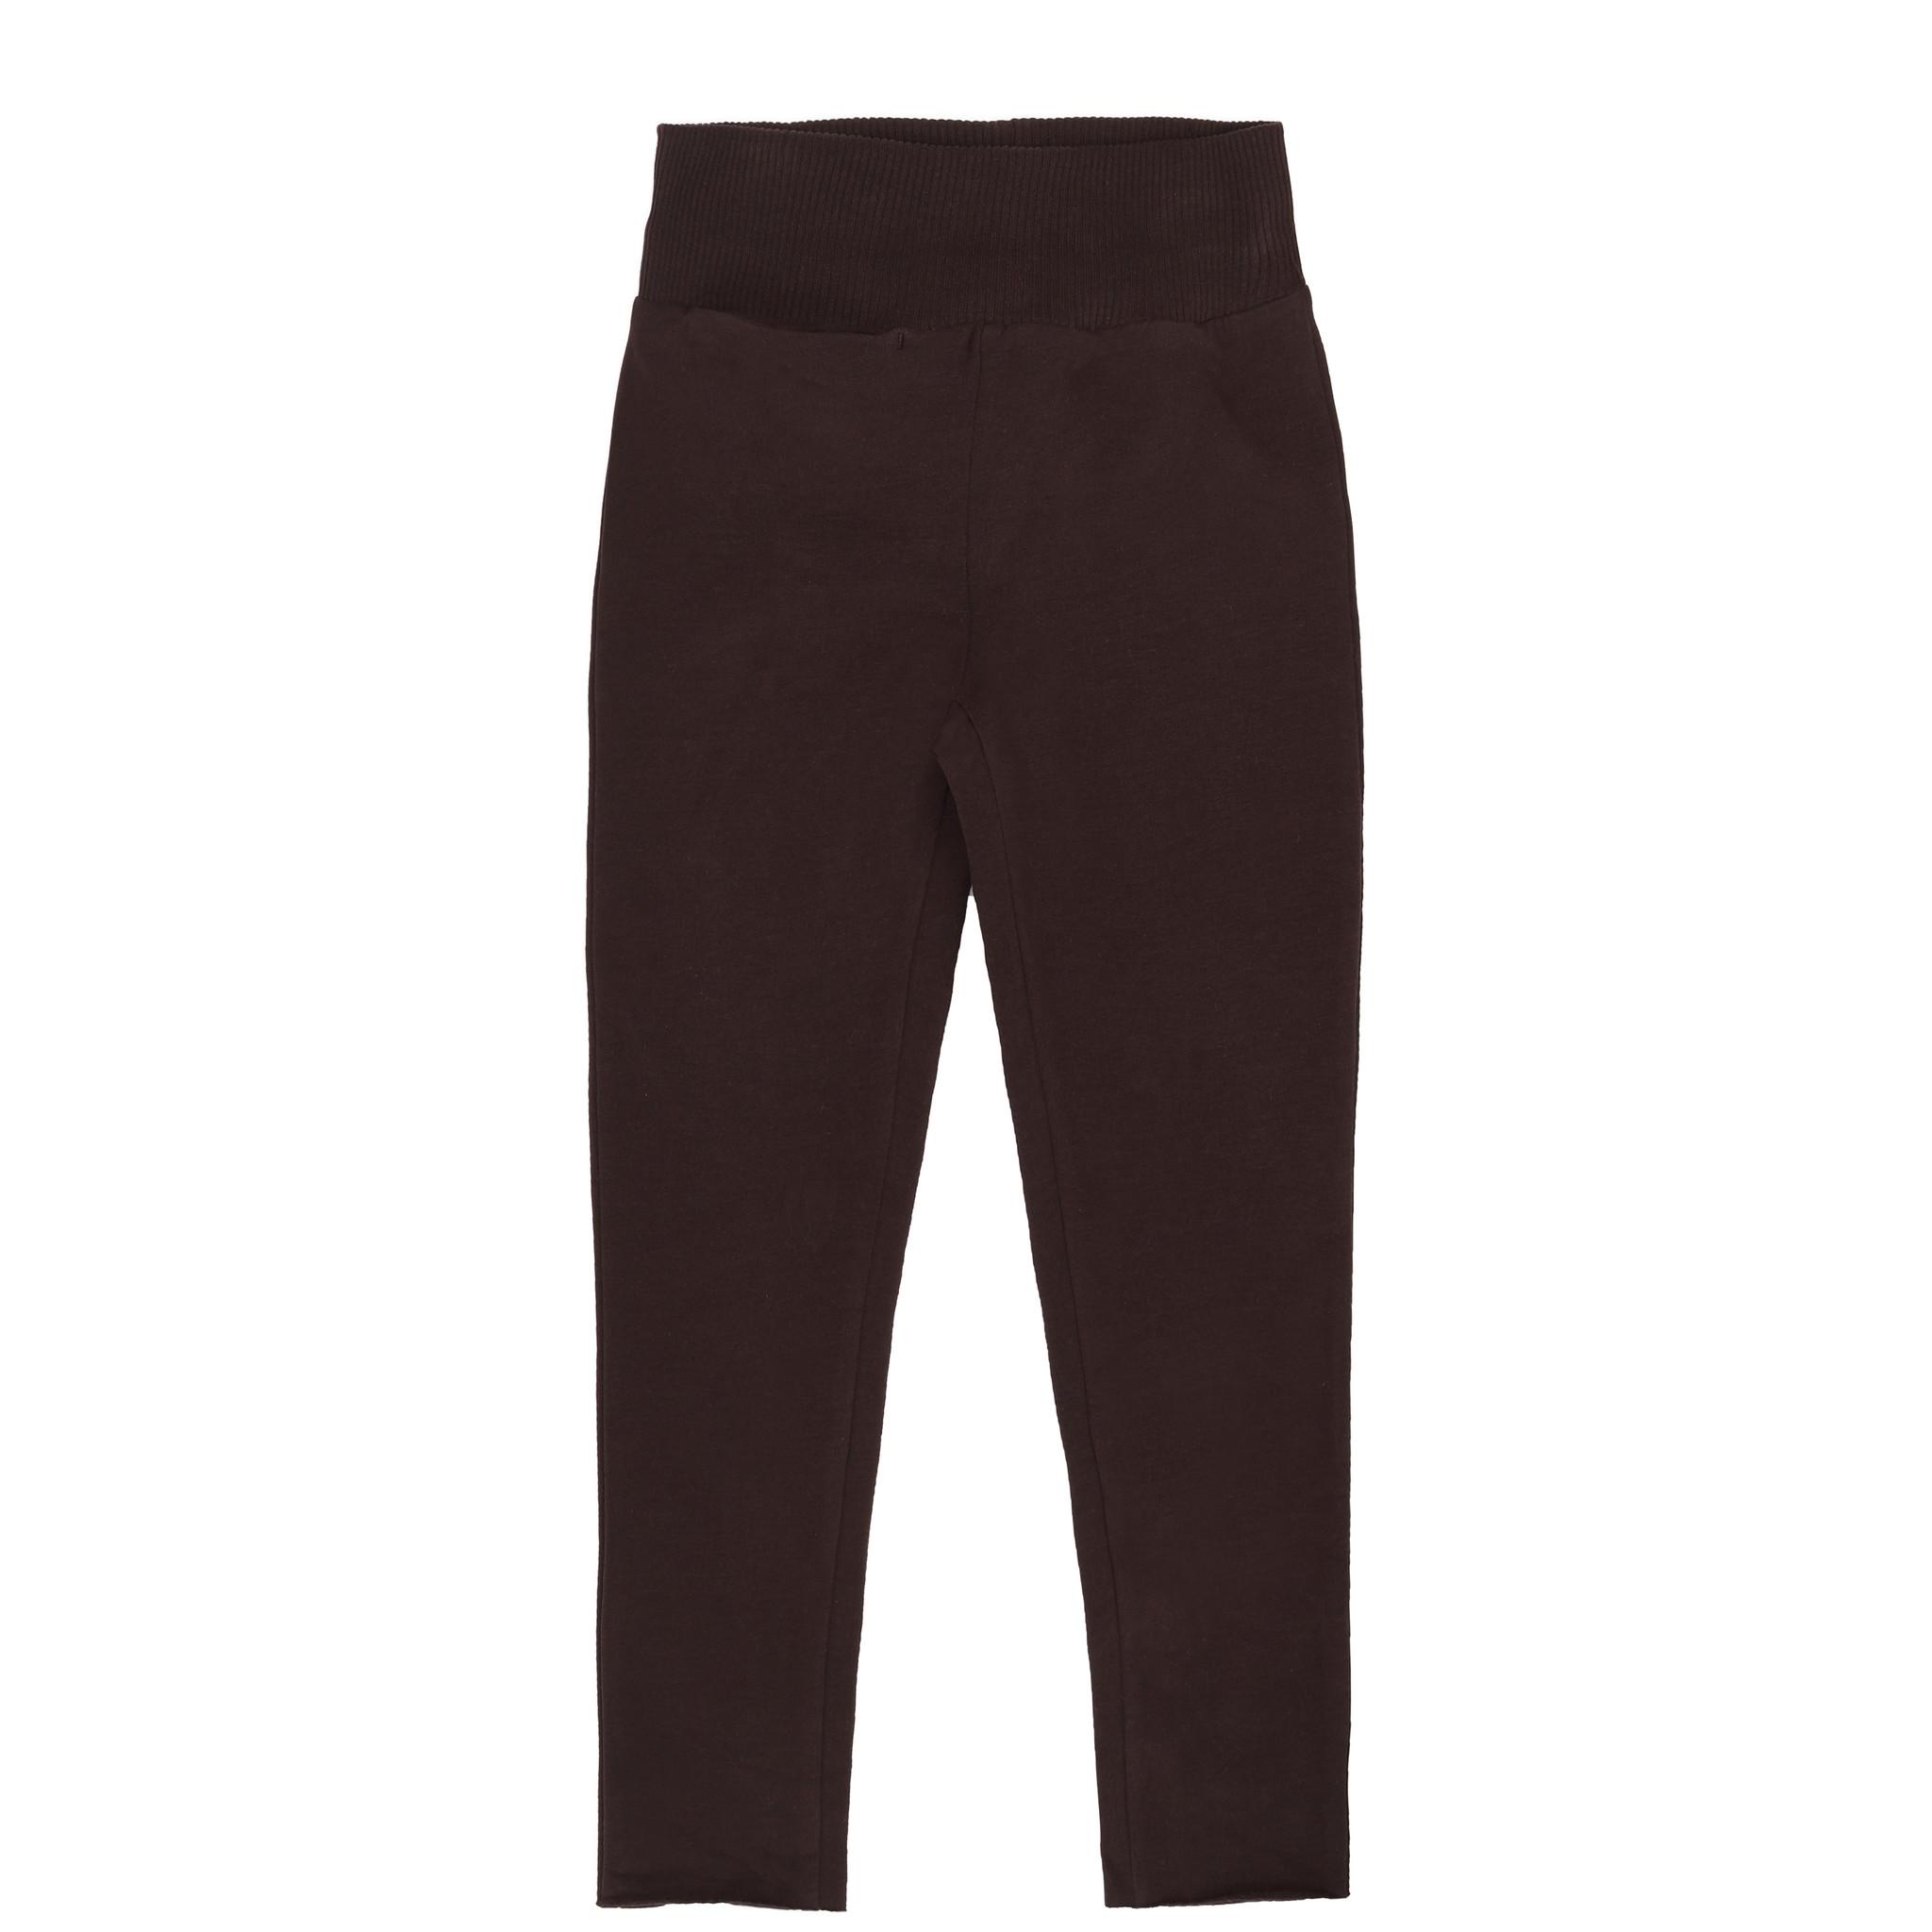 Slim pants - Cacao Nib-1